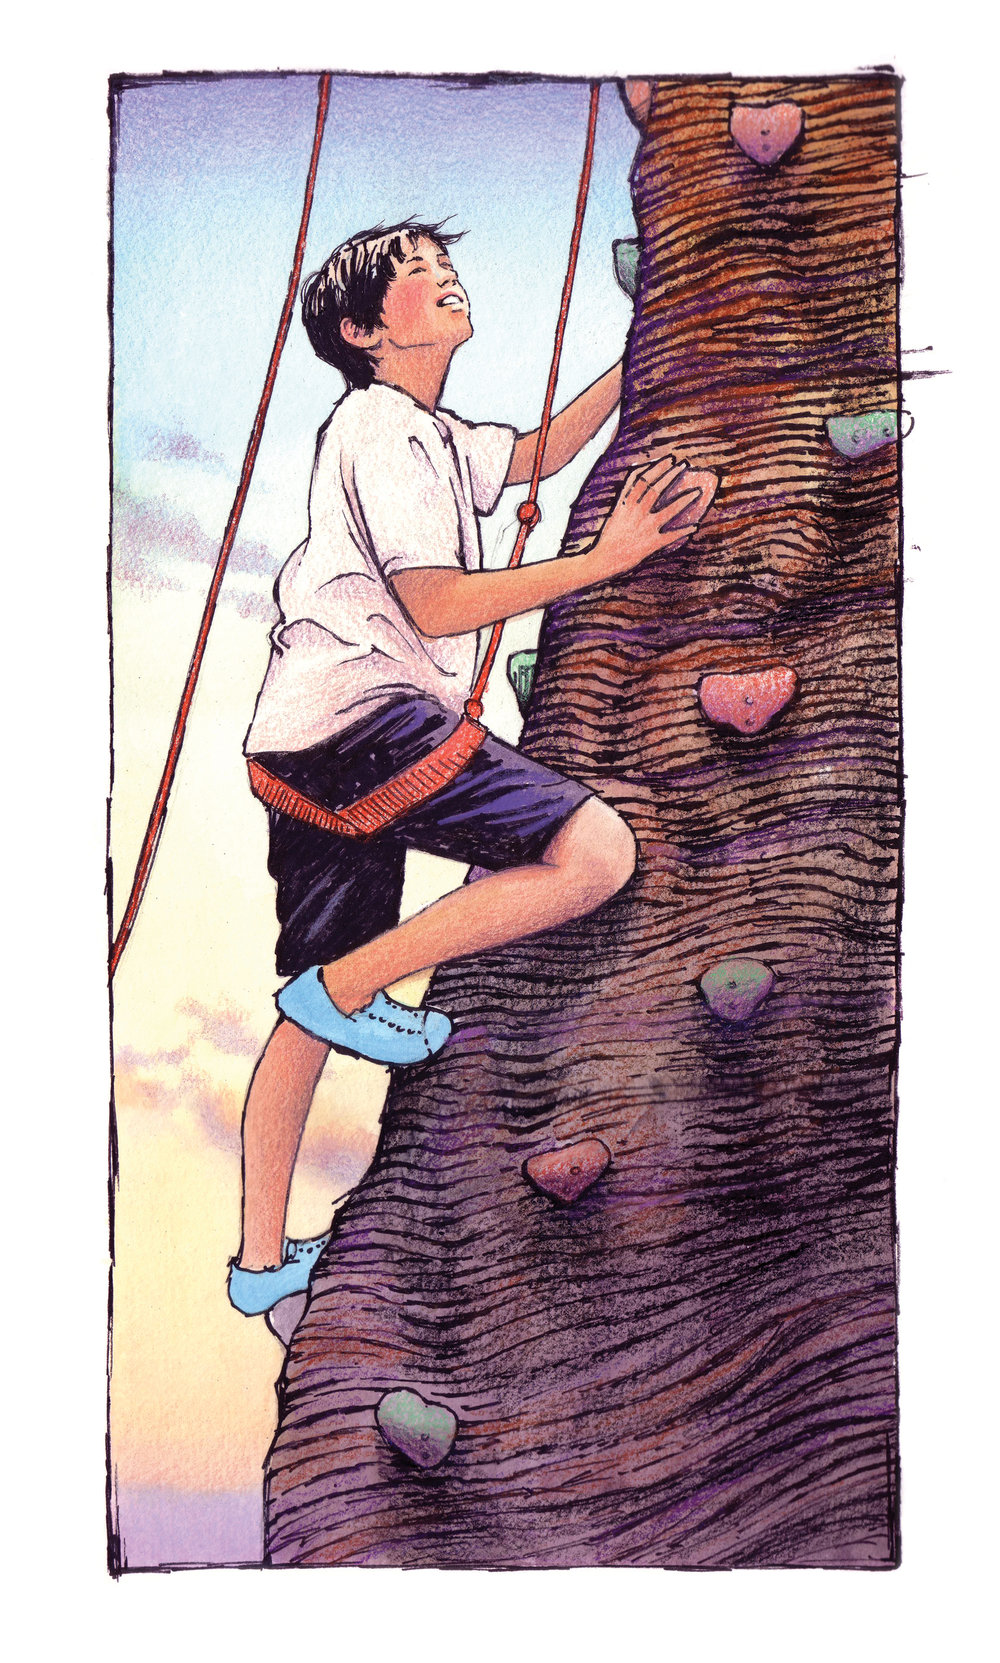 MBYOD Rock Wall ART